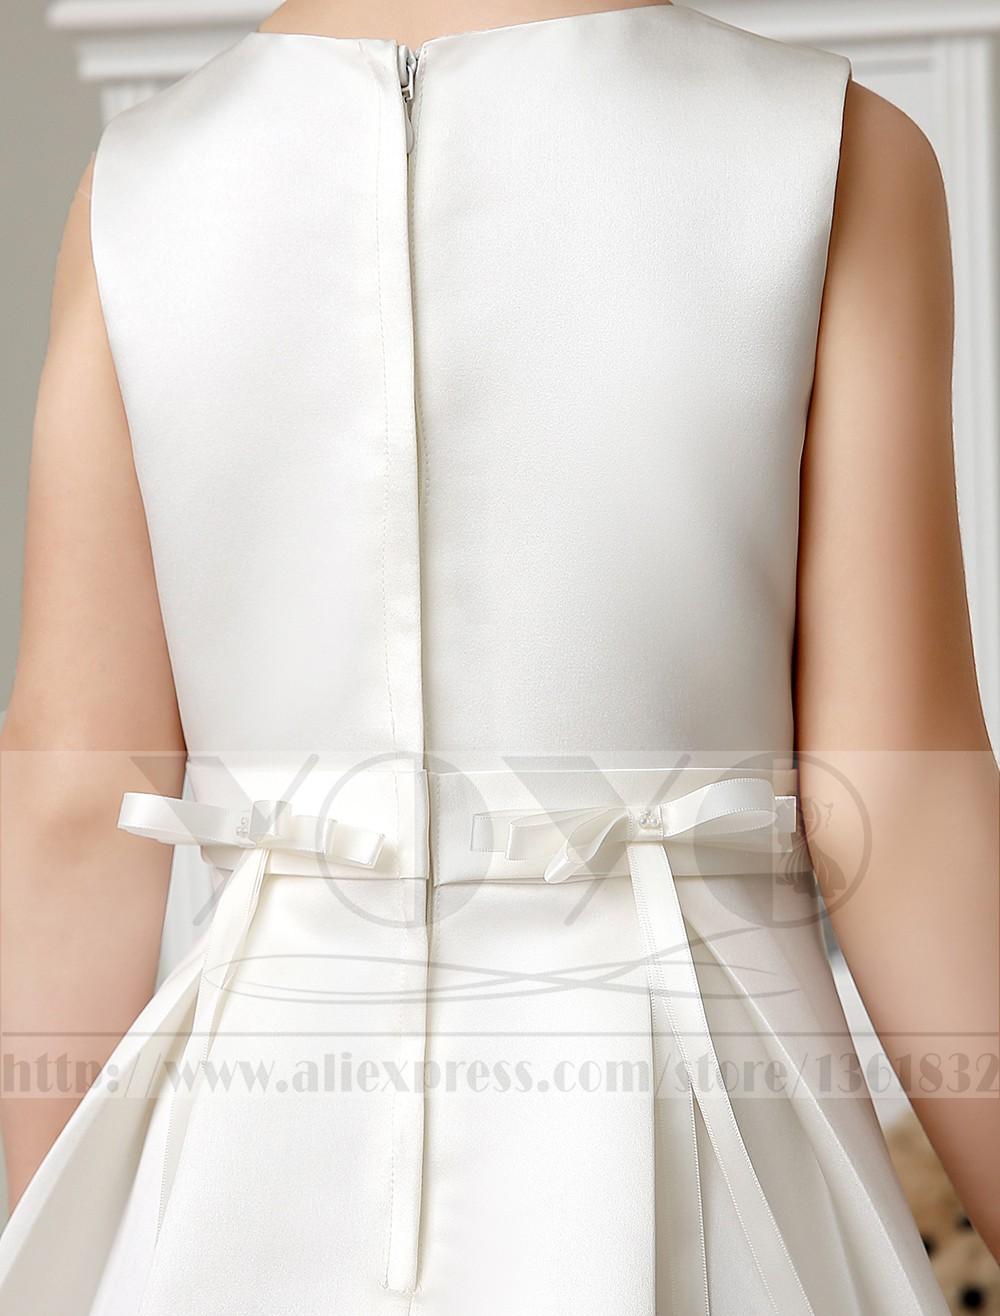 Скидки на Элегантный кот платье-линии дань шелковый тонкий маленькие девочки вечерние платья с перламутровыми детей театрализованное платья платья принцесс